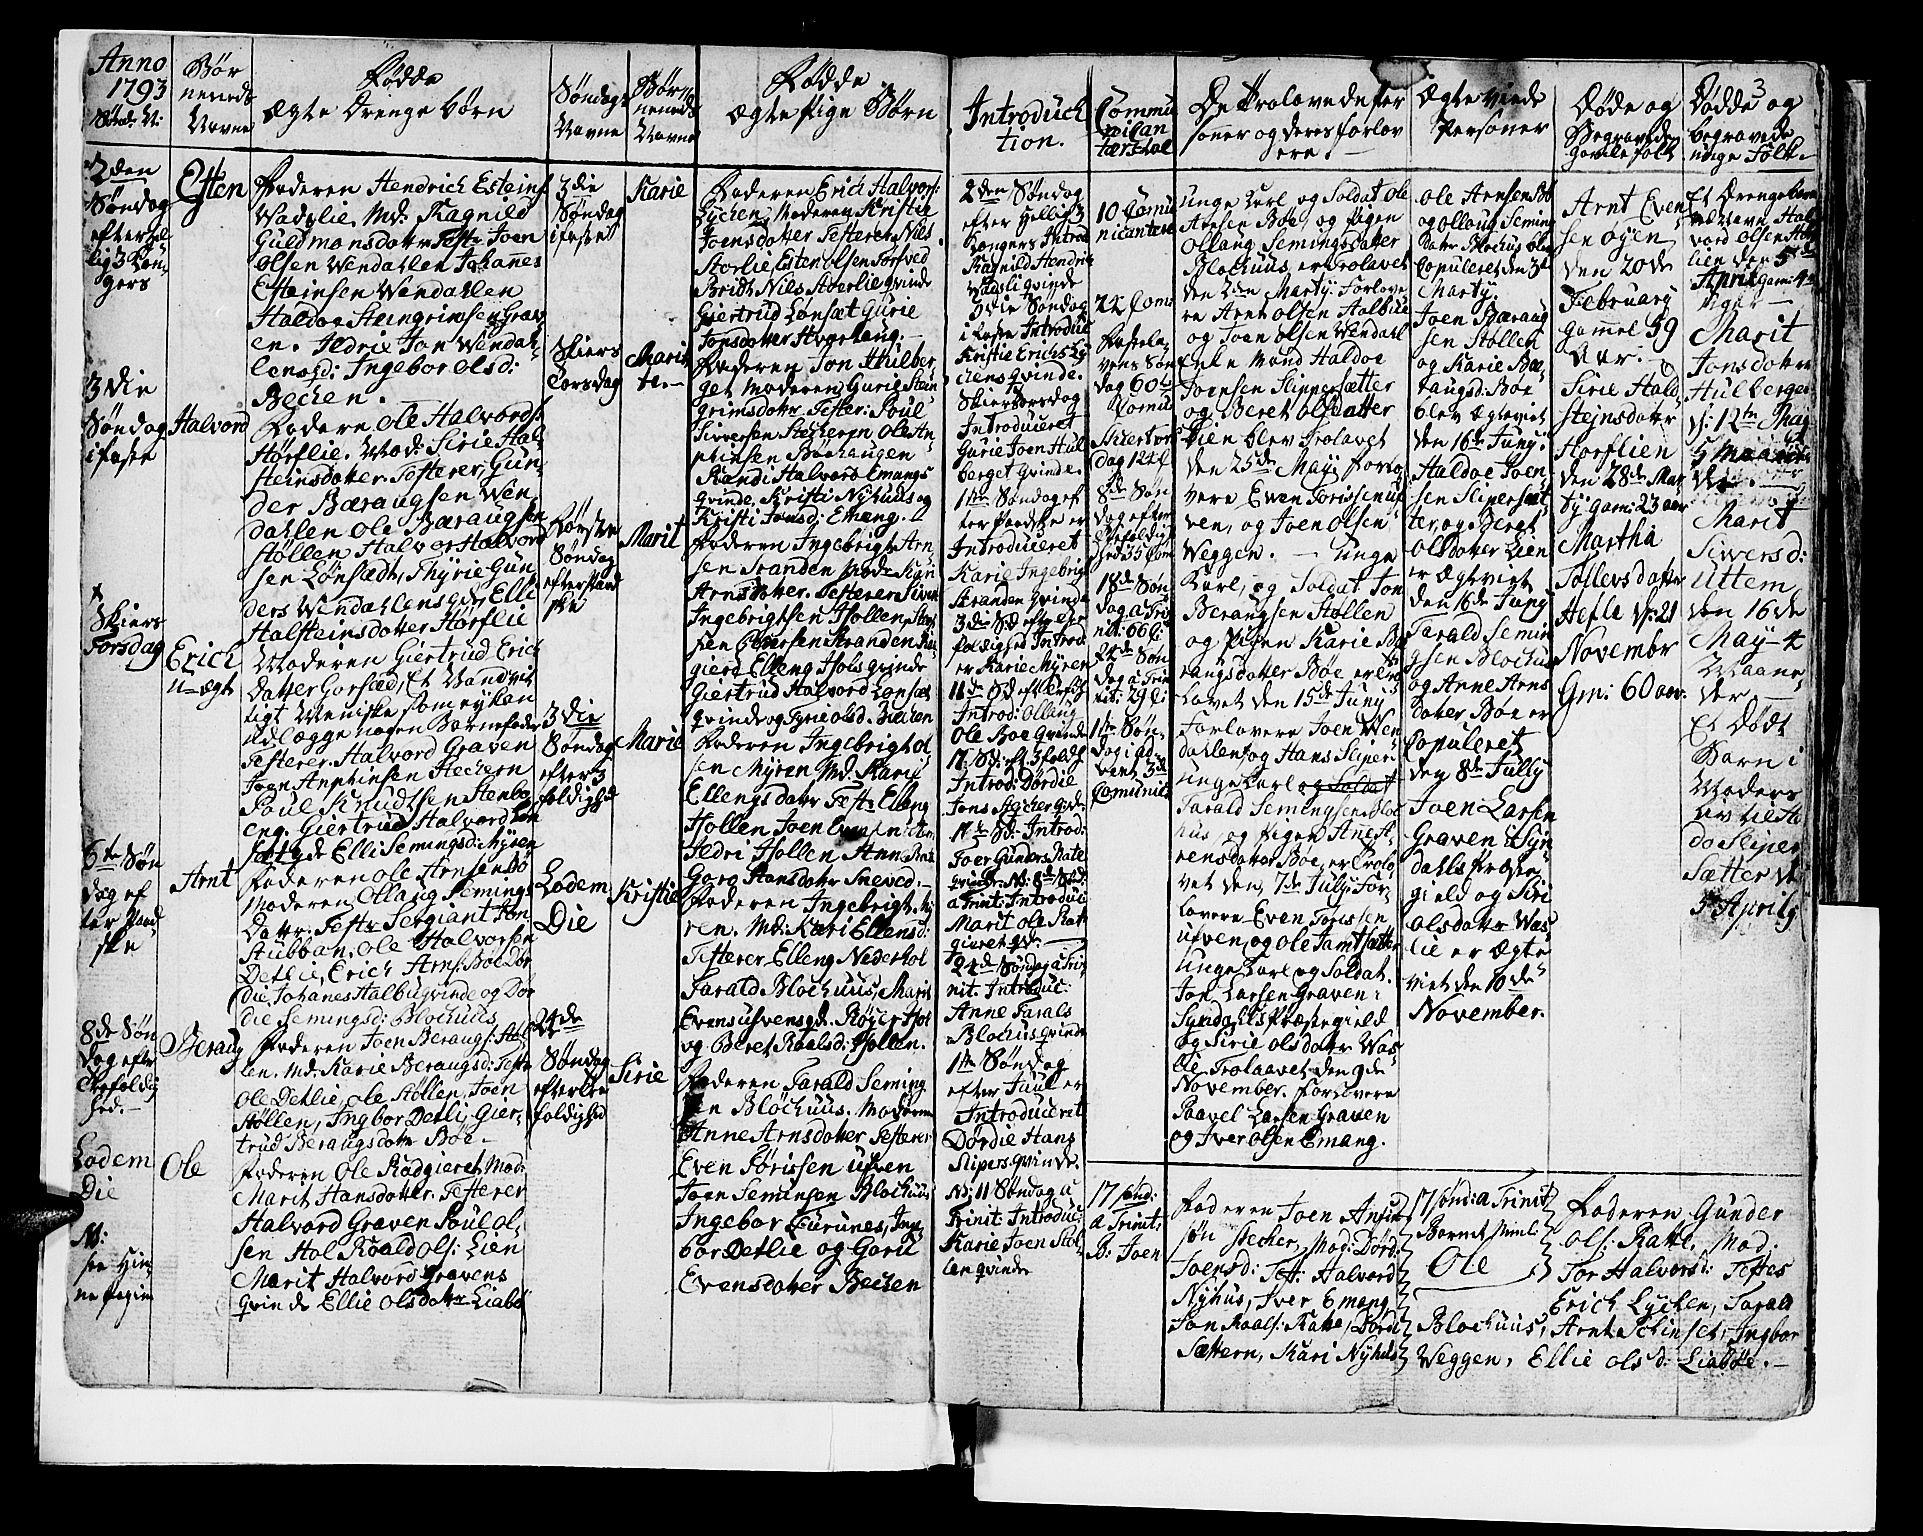 SAT, Ministerialprotokoller, klokkerbøker og fødselsregistre - Sør-Trøndelag, 679/L0921: Klokkerbok nr. 679C01, 1792-1840, s. 3